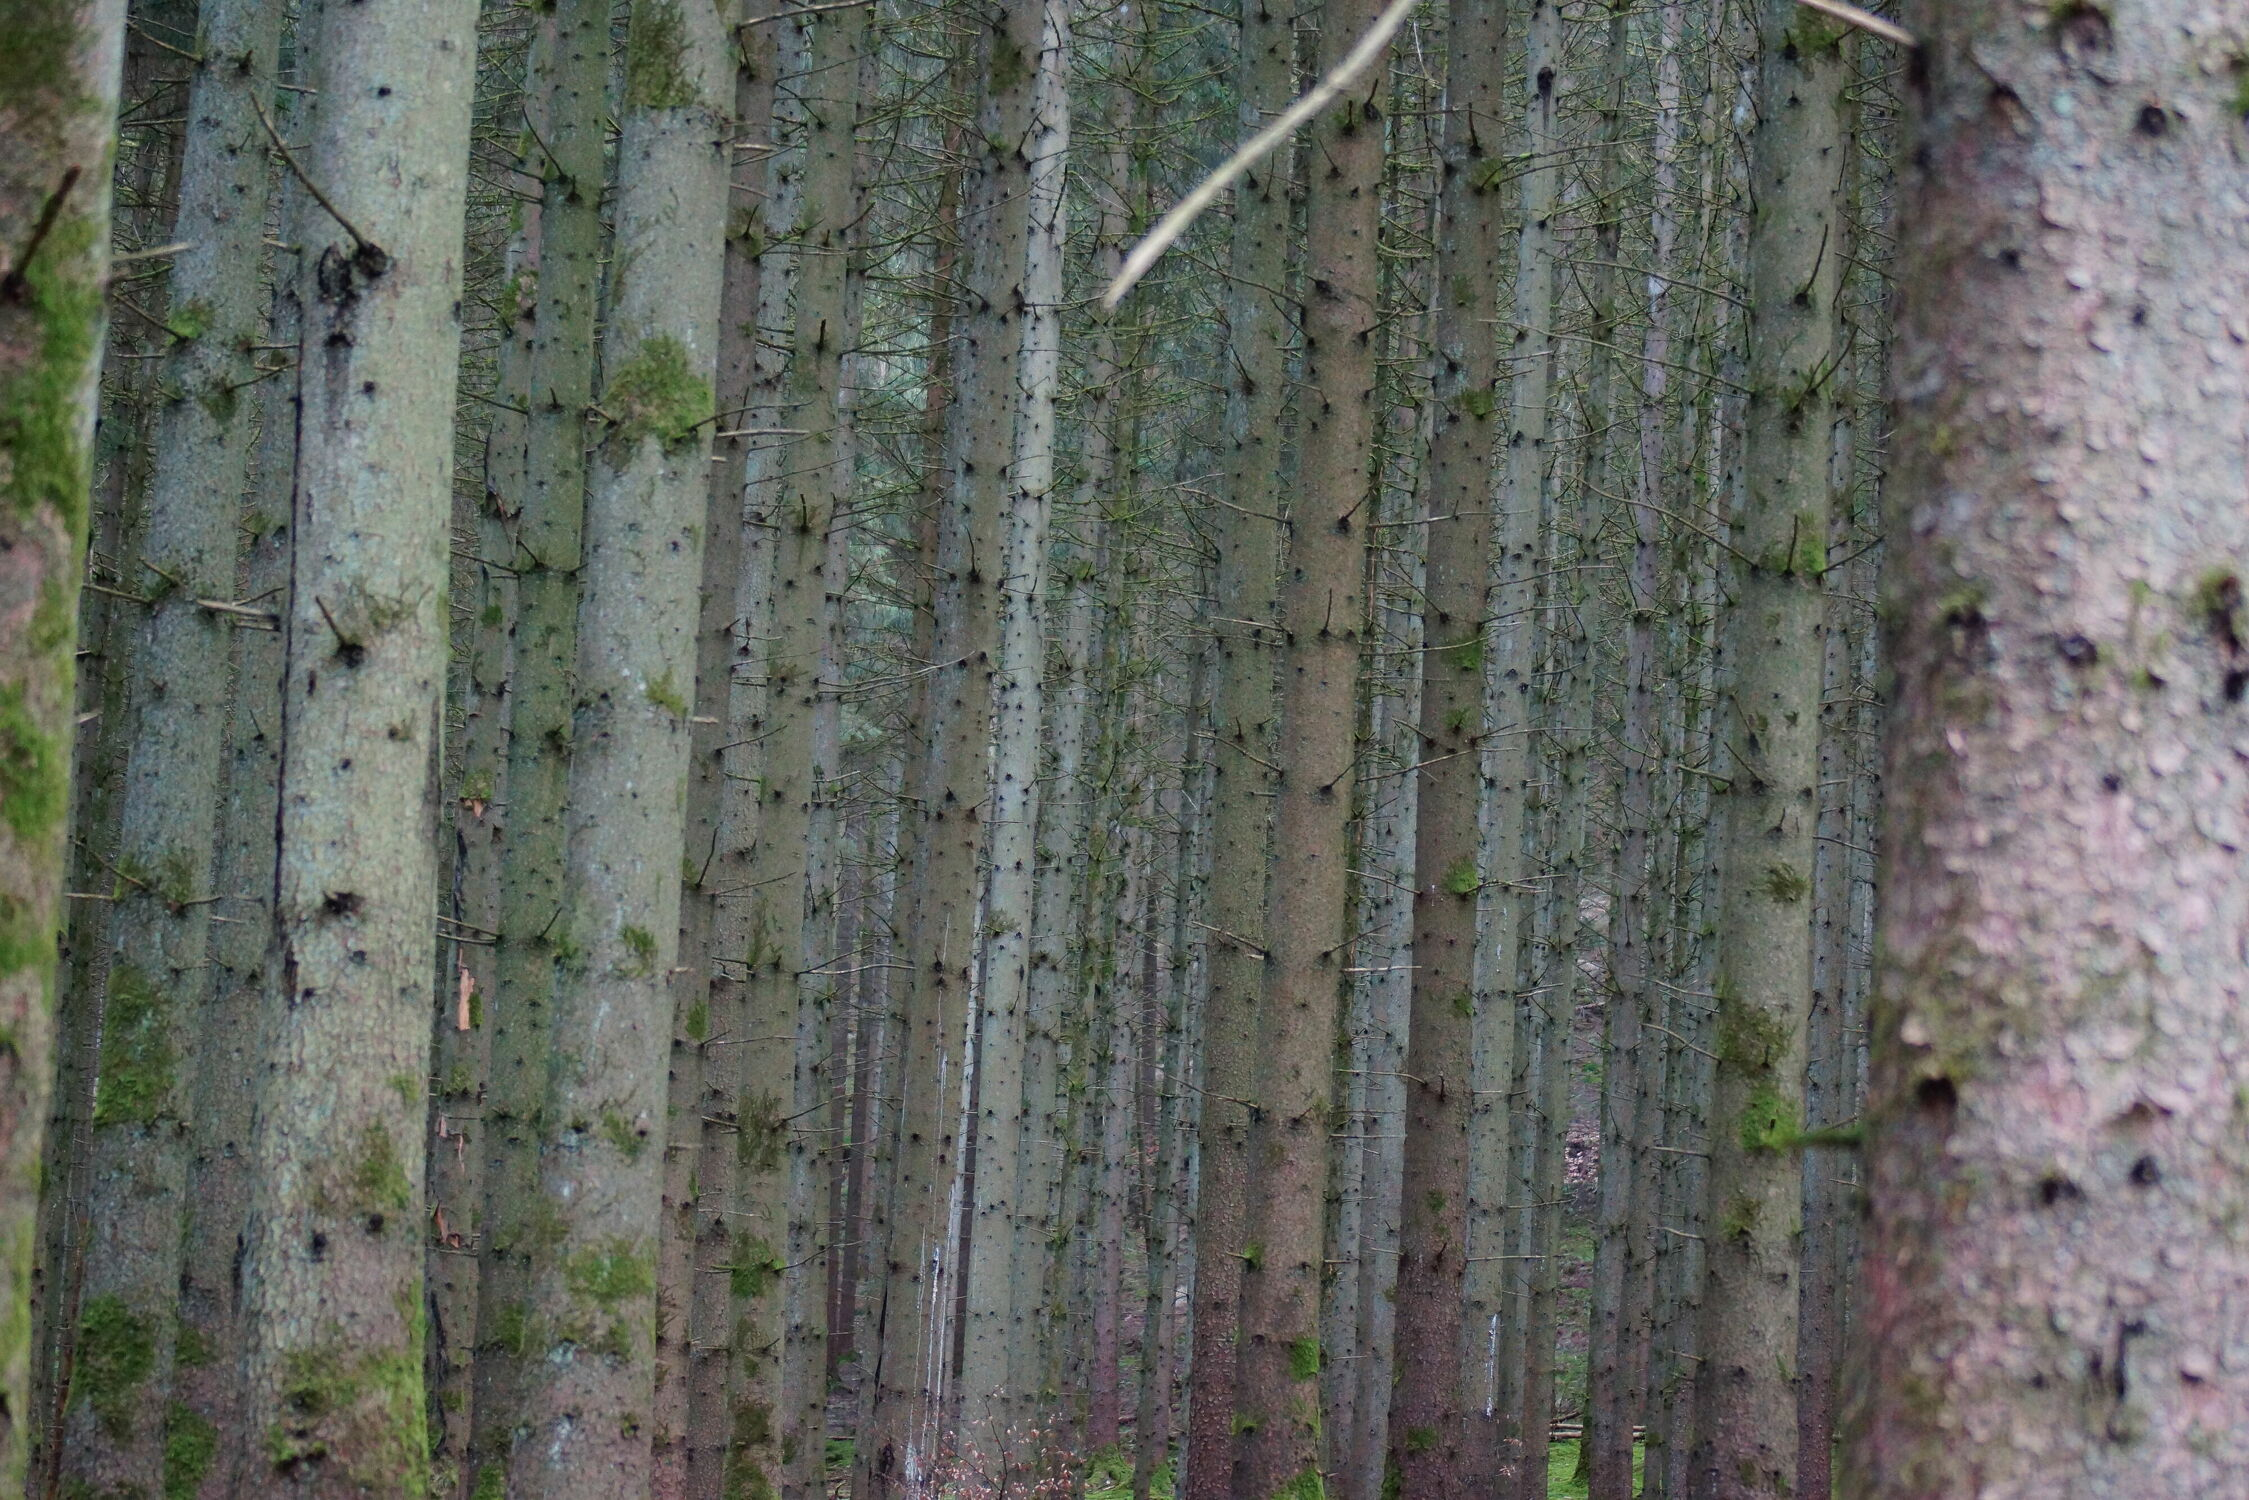 Bild mit Natur, Wald, Märchenwald, Blick in den Wald, Mischwald, Ruhe, Ruhe Erholung